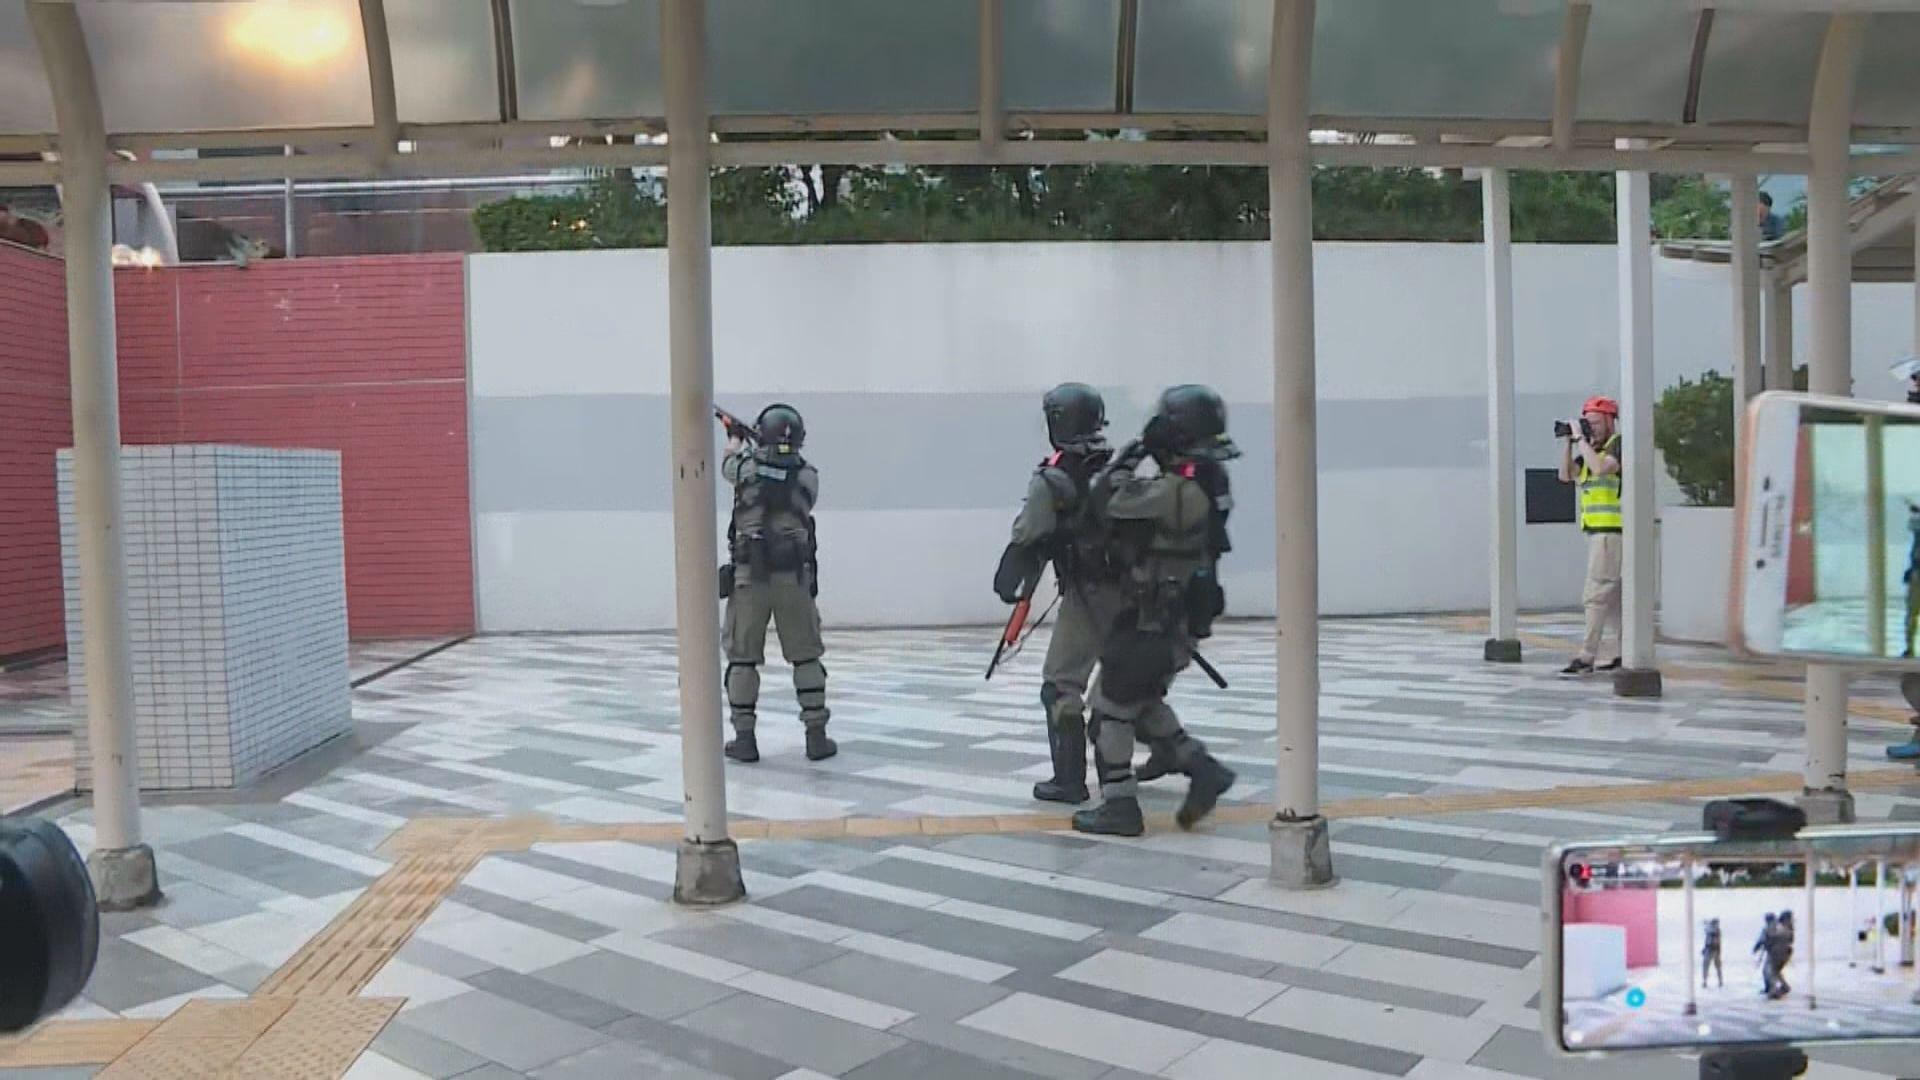 屯門時代廣場有市民聚集 警方施放催淚彈驅散